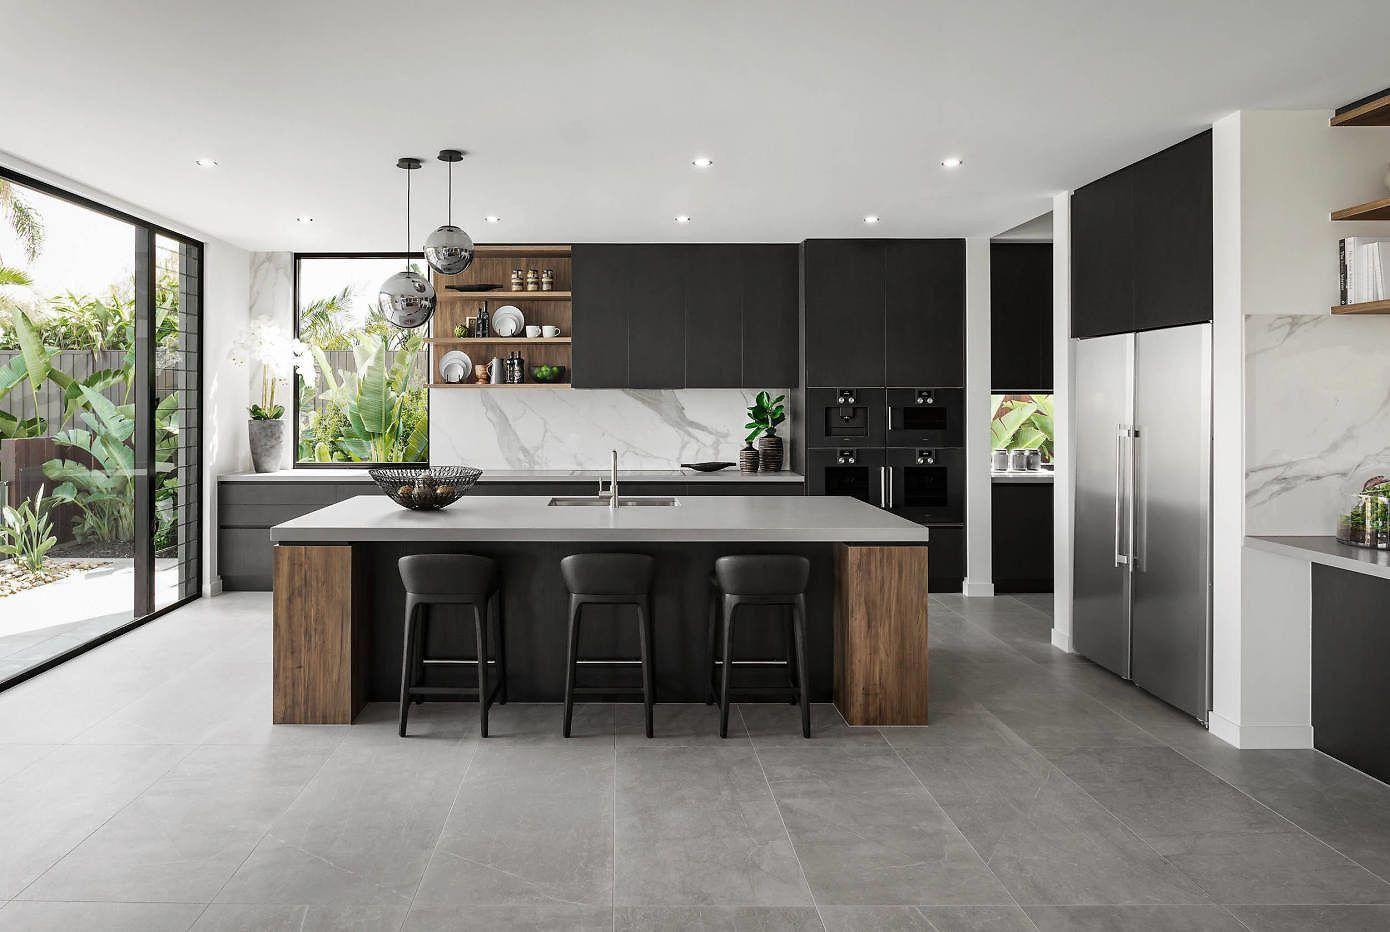 003 Riviera 65 Metricon Luxurykitchendesigns Kitchen Decor Modern Contemporary Kitchen Modern Kitchen